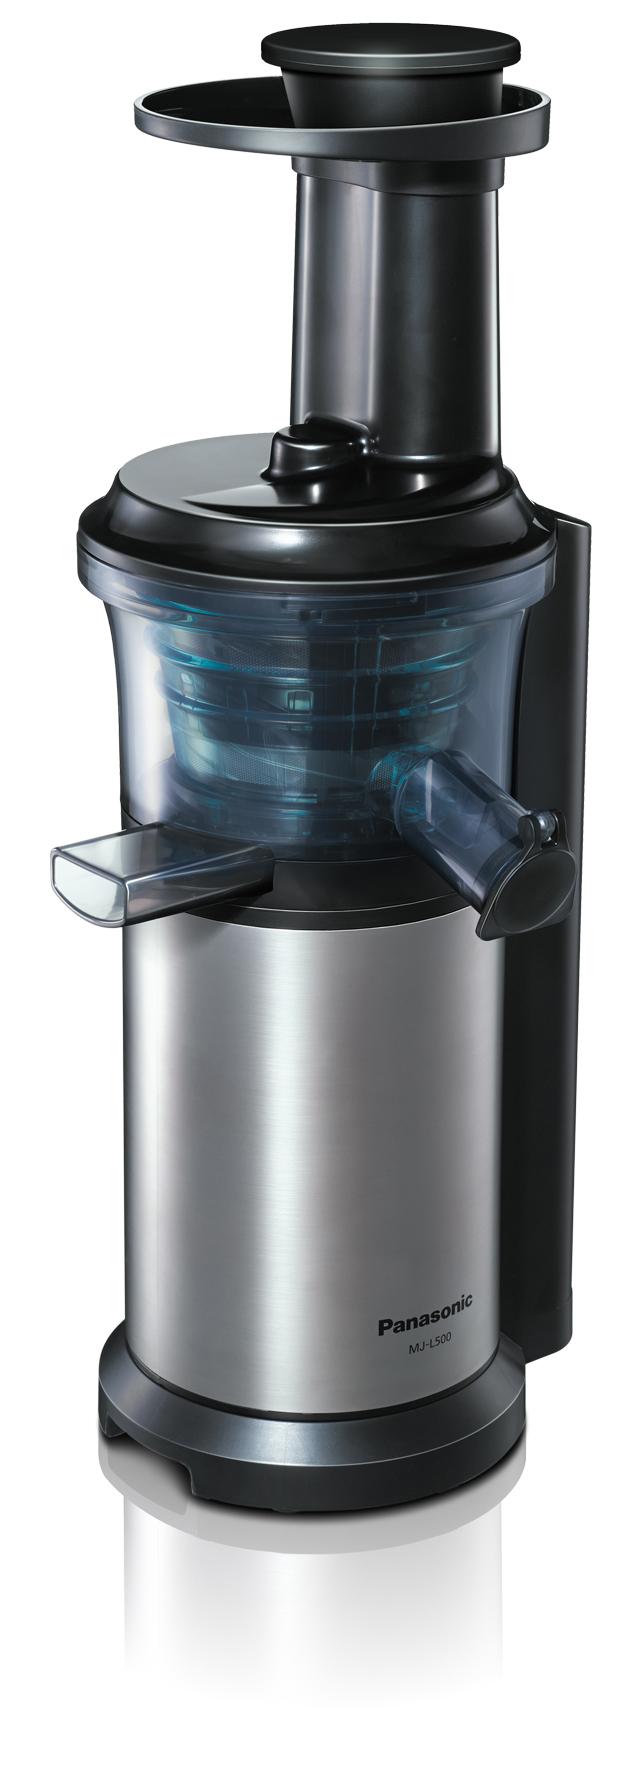 Der neue Slow-Juicer MJ-L500 von Panasonic sorgt für reichlich Vitamin-Nachschub.